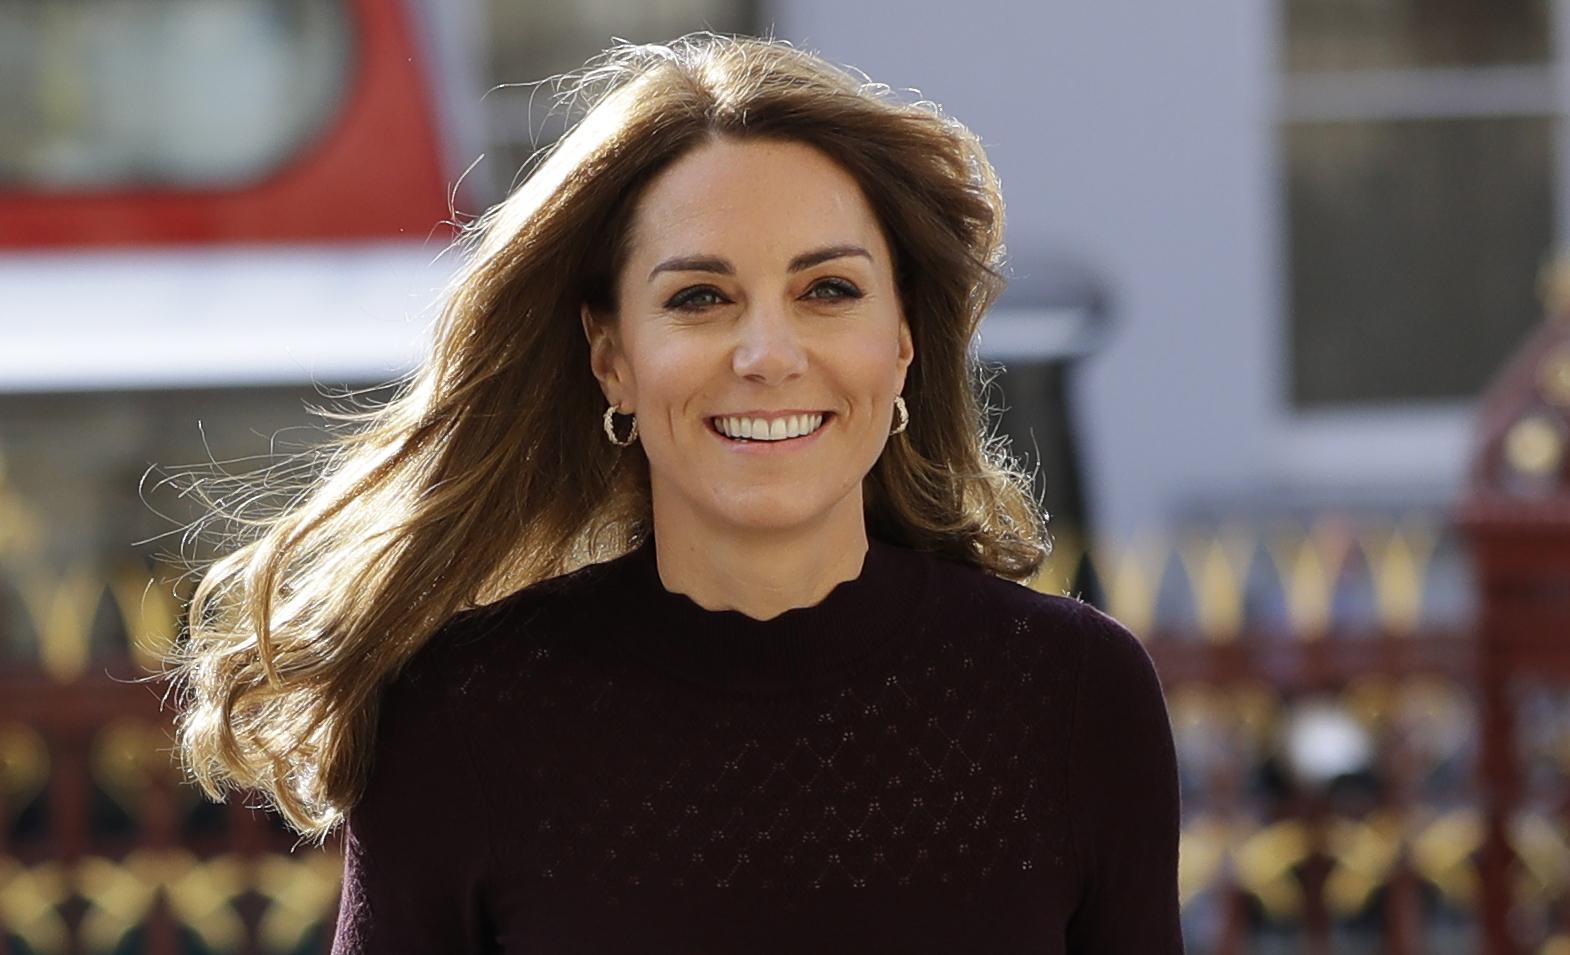 Кейт Миддлтон посетила детский сад в Лондоне